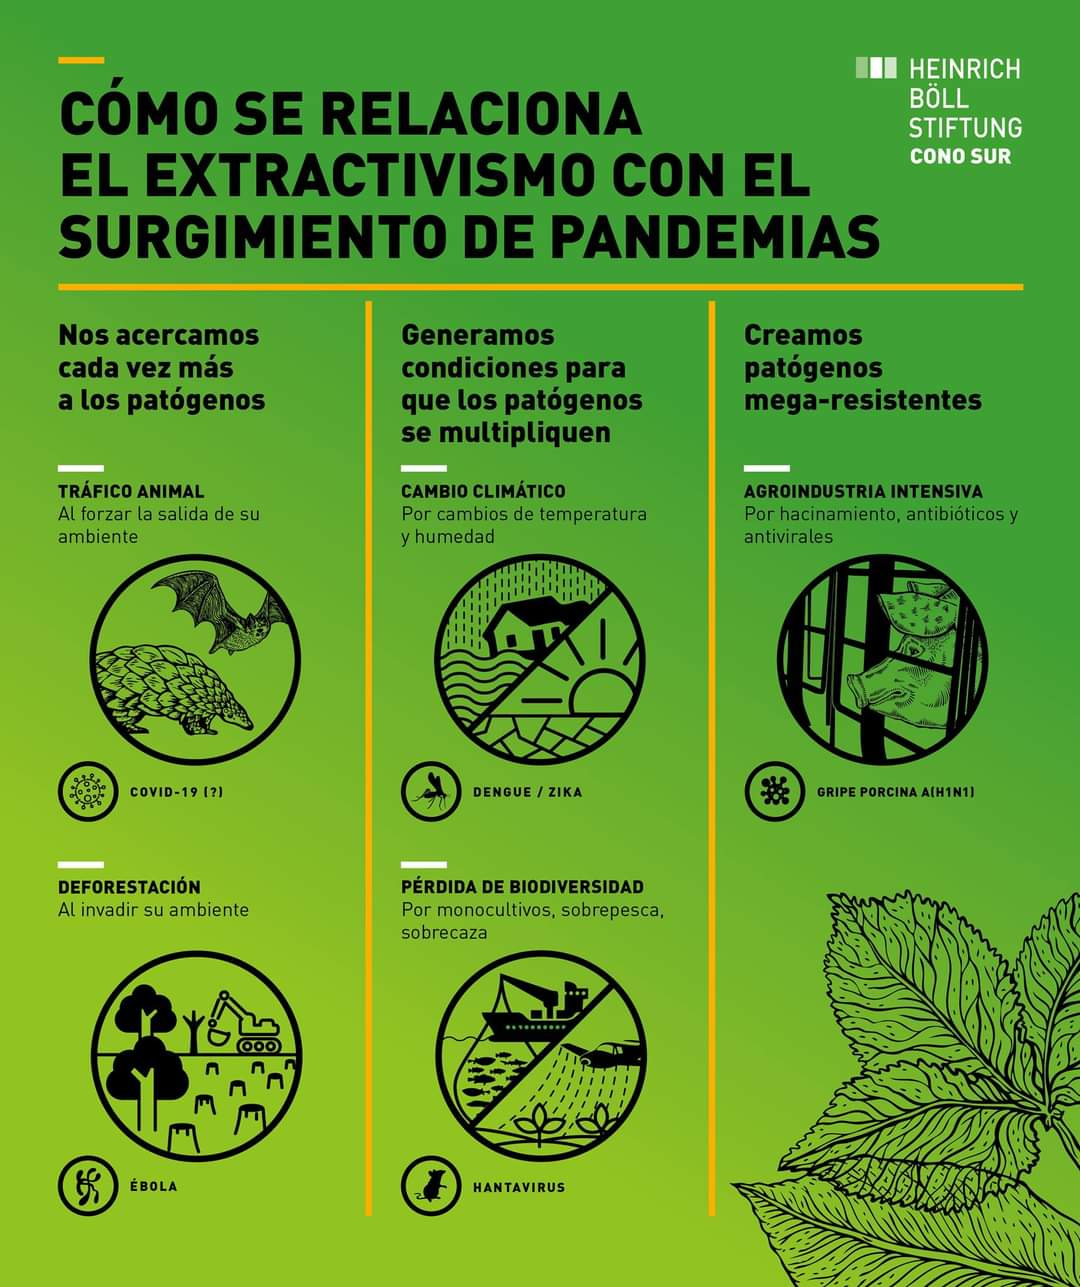 Cómo se relaciona el extractivismo con el surgimiento de pandemias (Infografía)